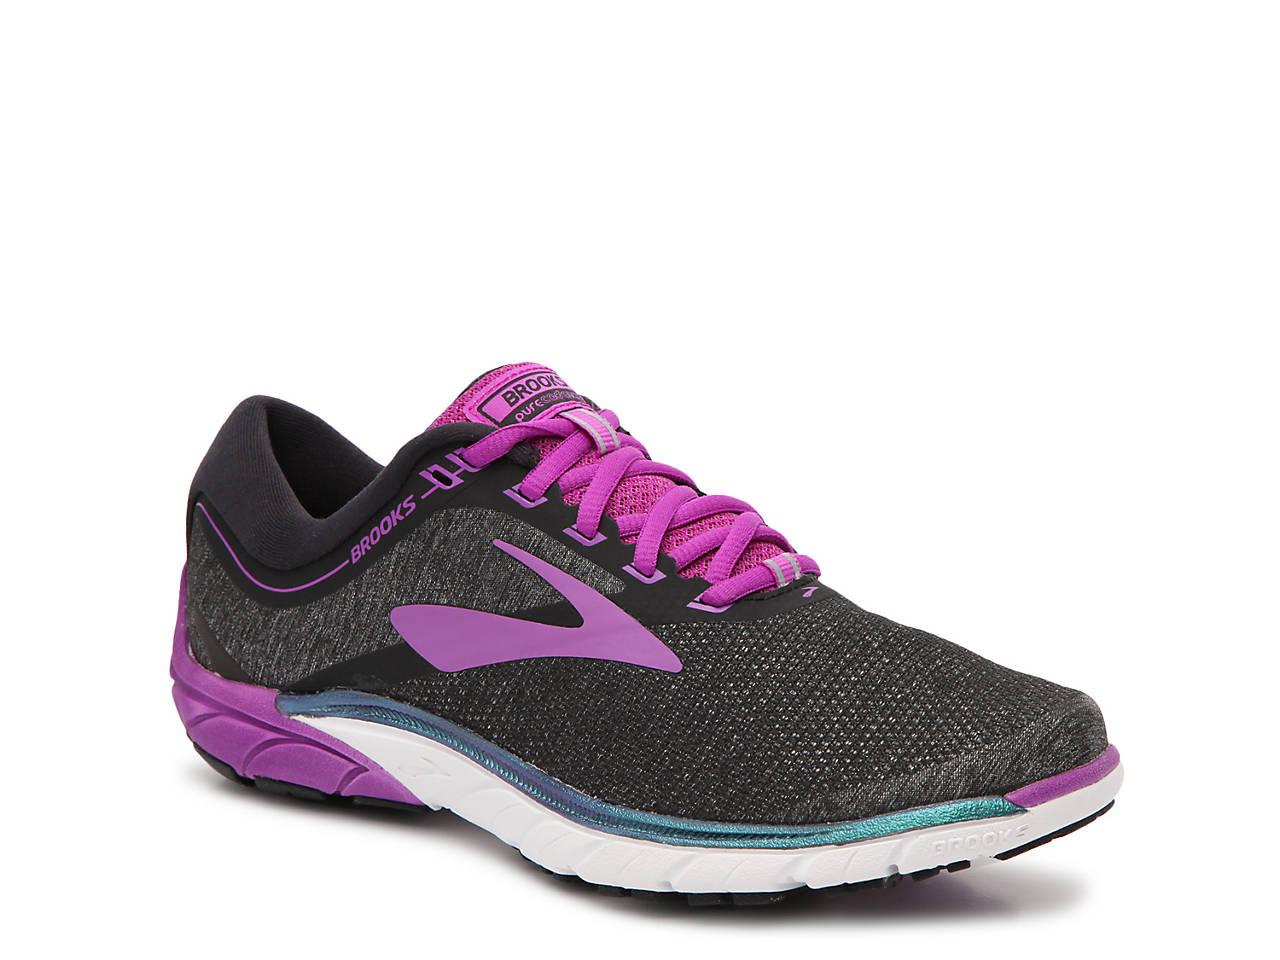 24da81ba6f0 Brooks Pure Cadence 7 Lightweight Running Shoe - Women s Women s ...